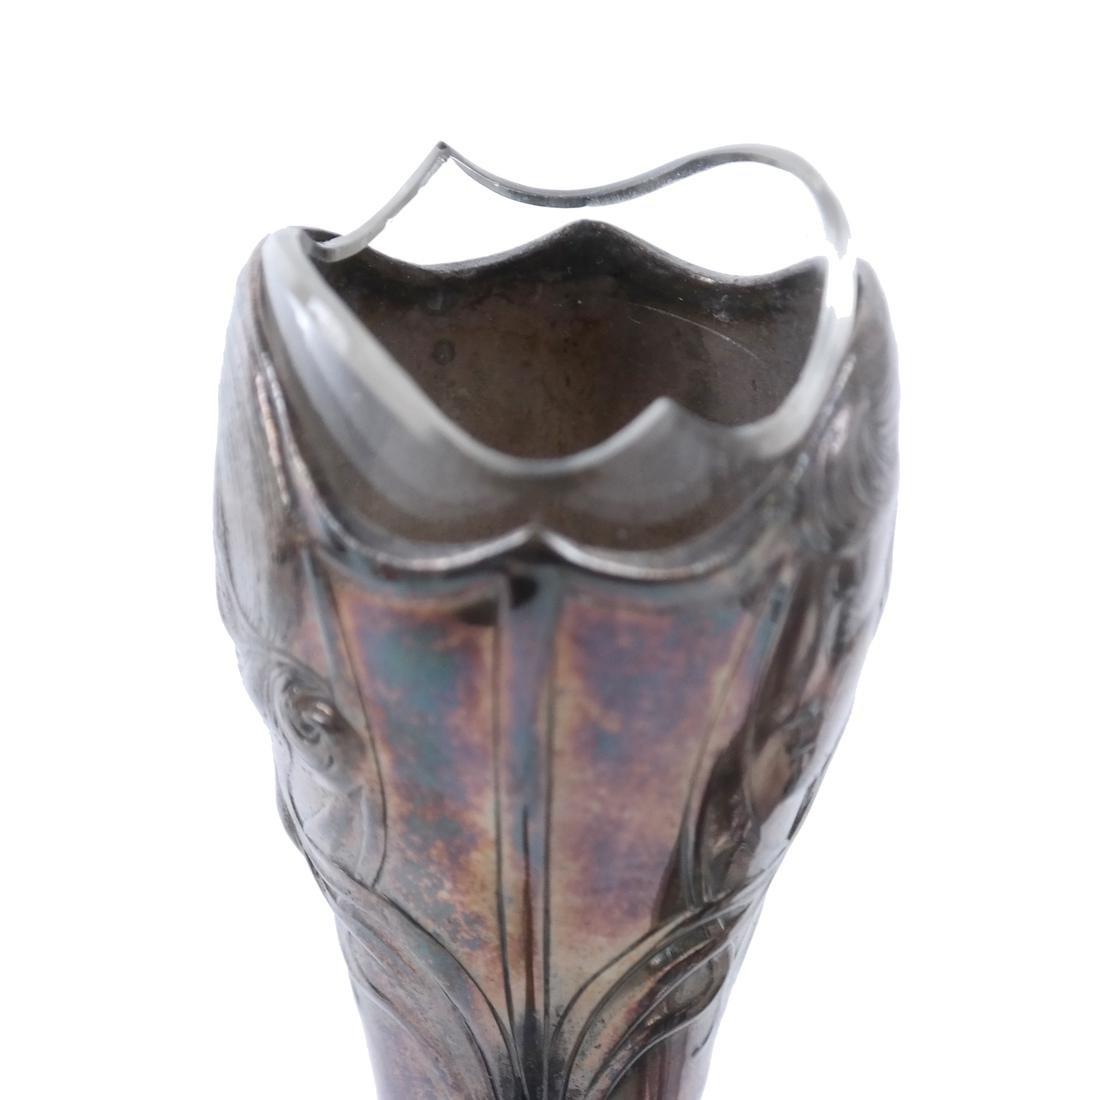 Pair of WMF Art Nouveau Vases - 3